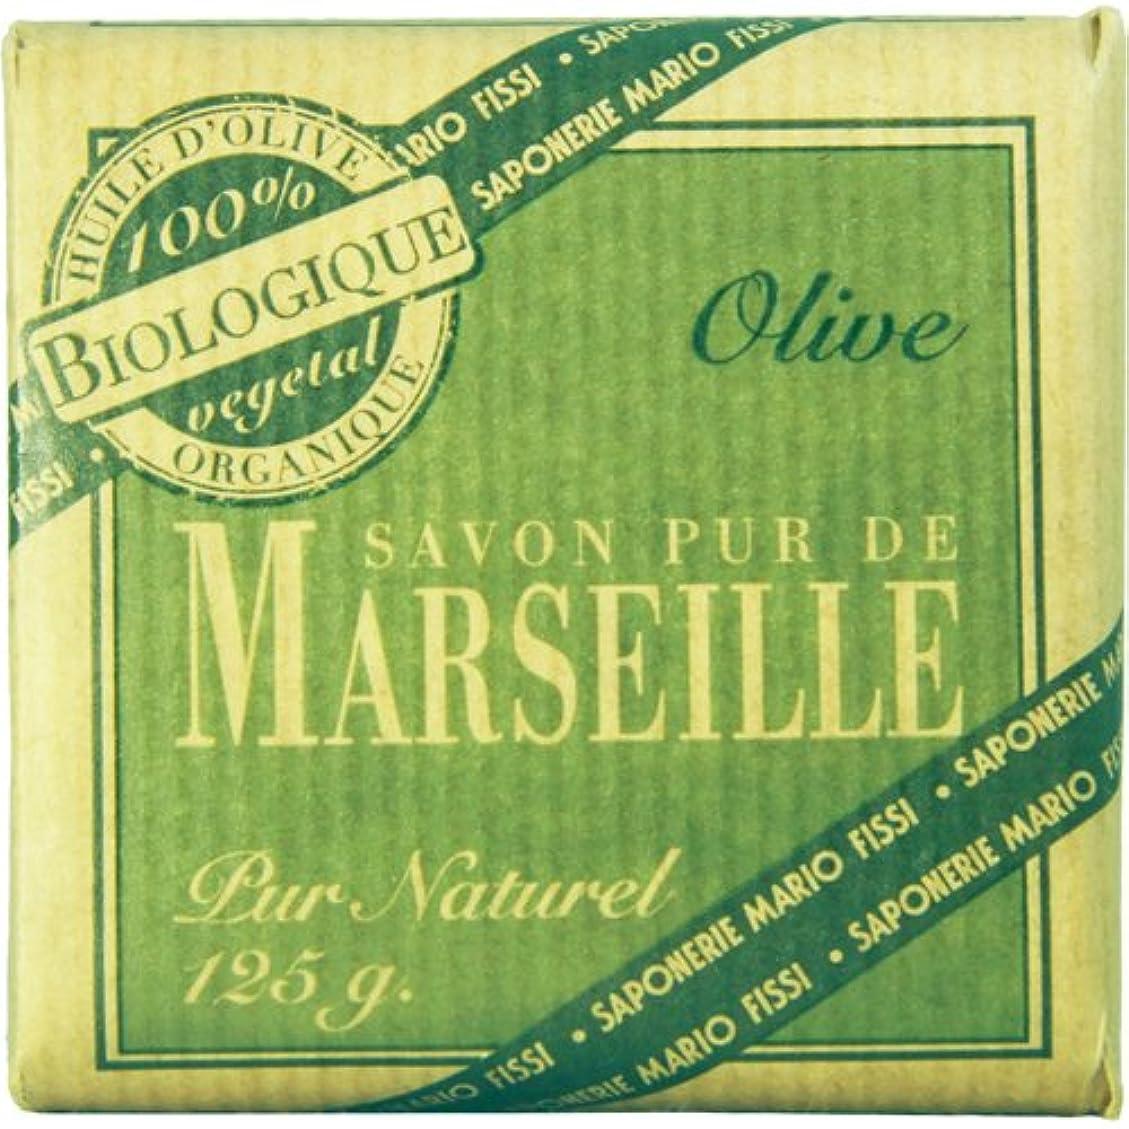 有罪輝度虫Saponerire Fissi マルセイユシリーズ マルセイユソープ 125g Olive オリーブ